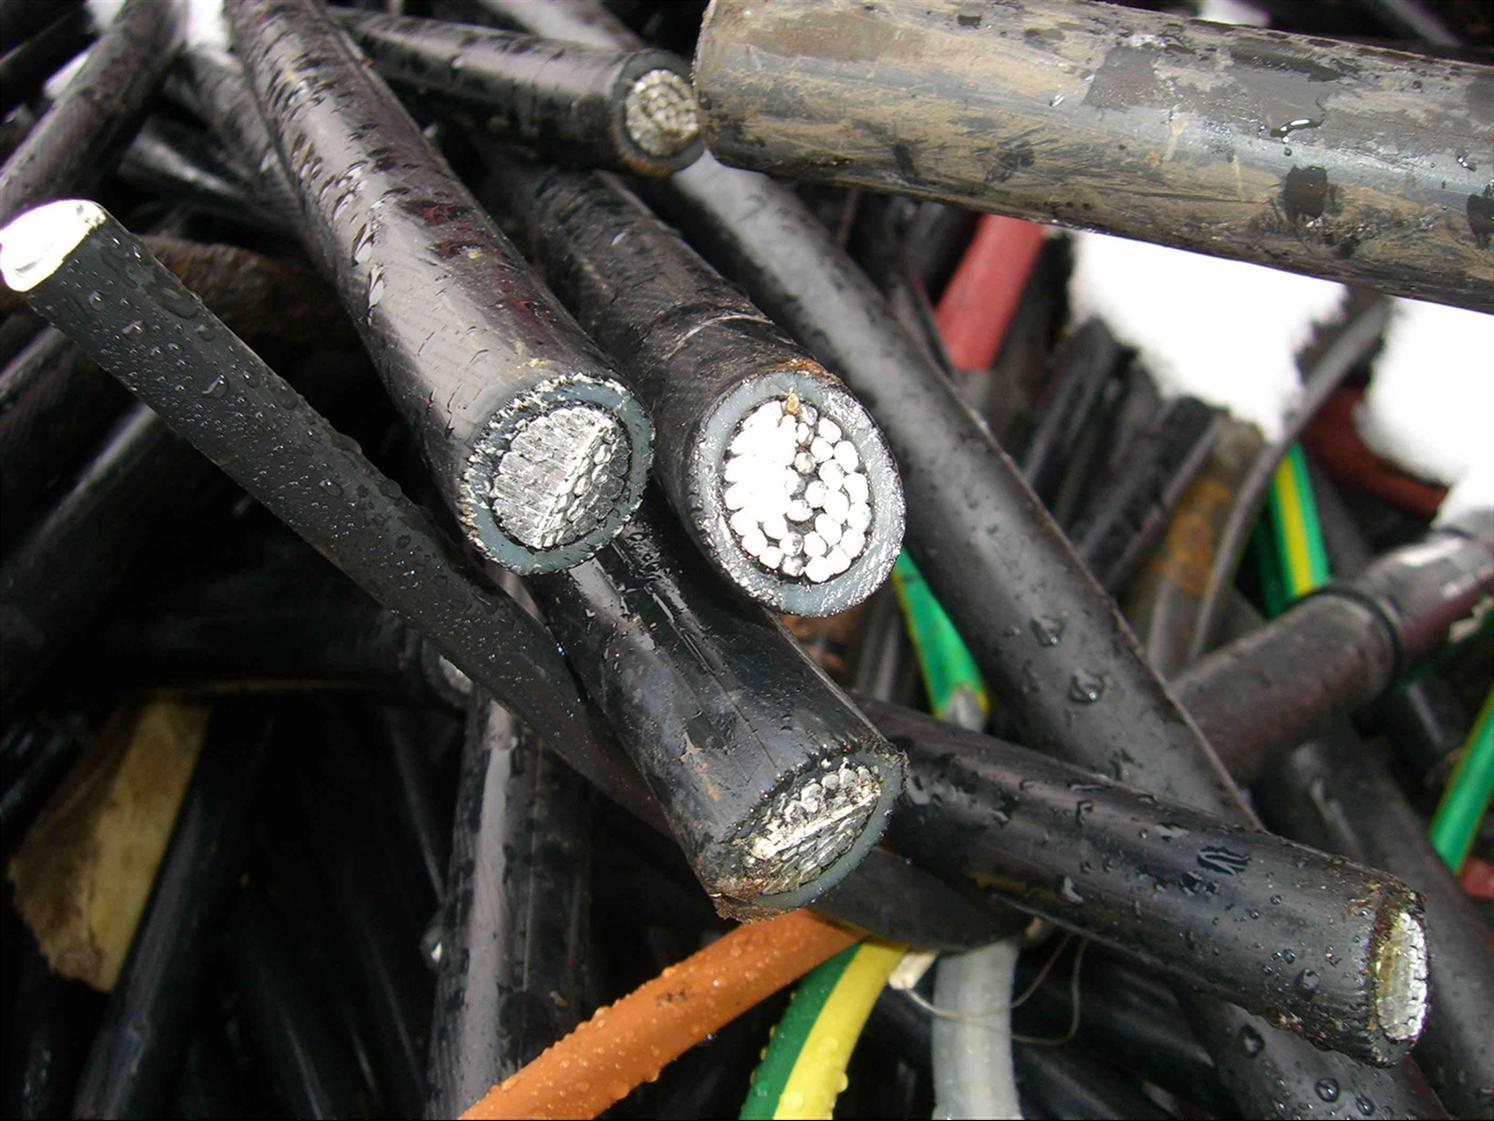 废旧电缆回收 中山废旧电缆回收特色货源